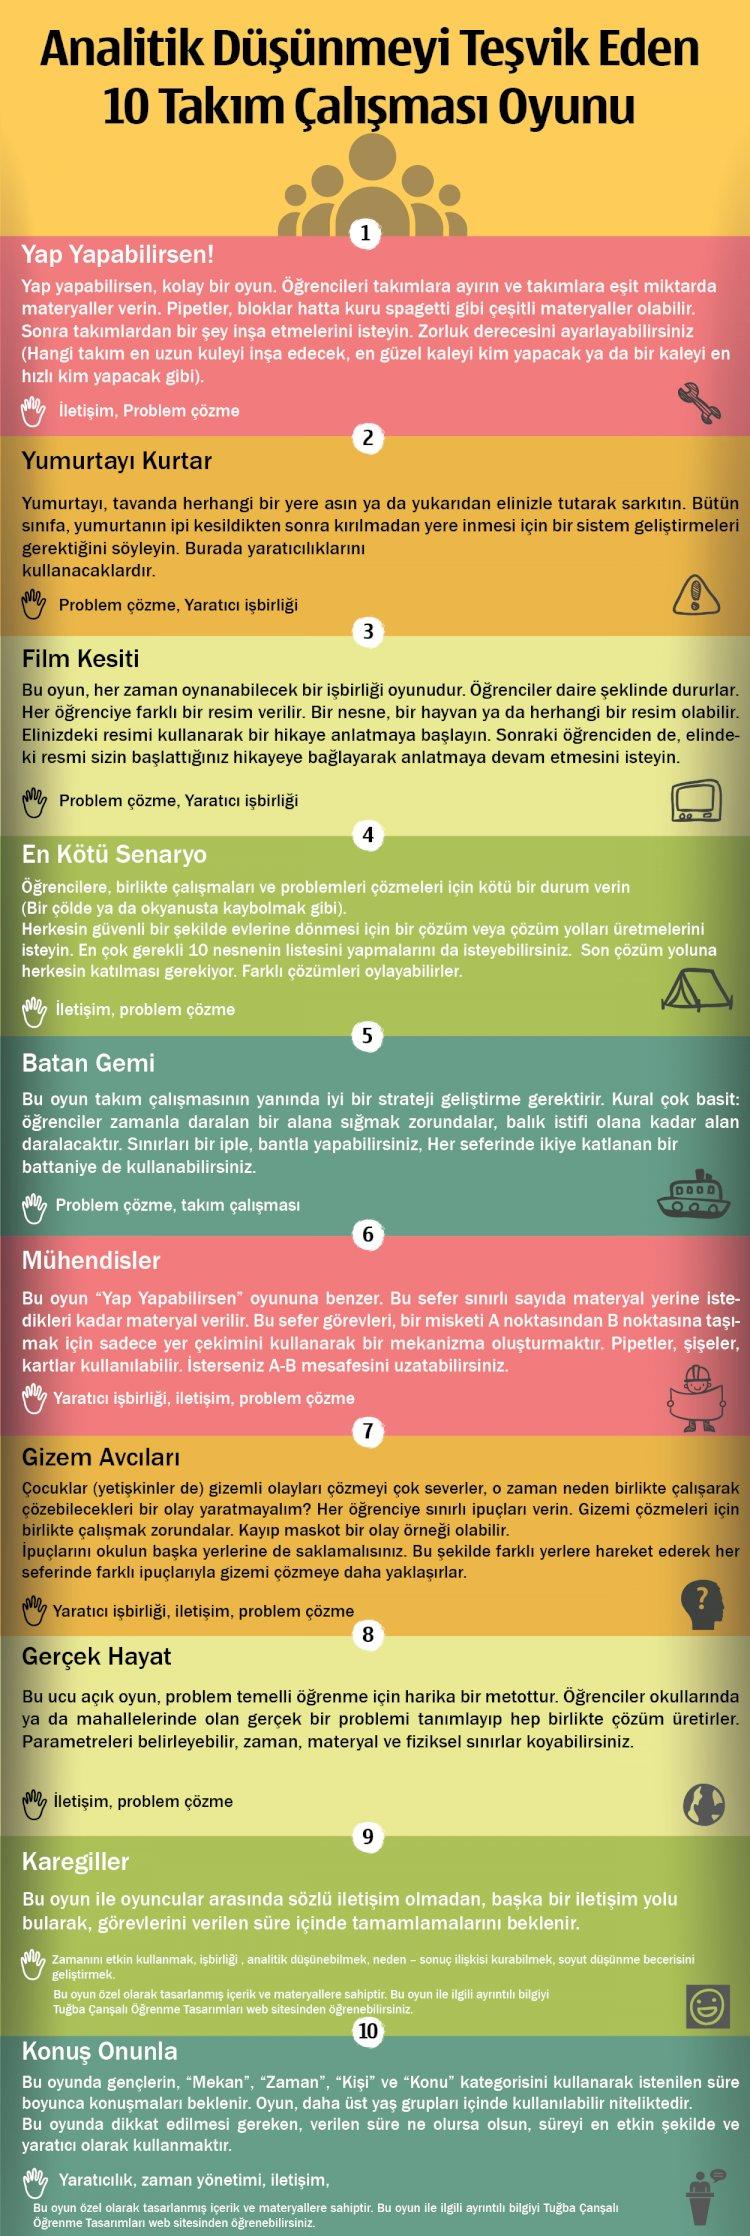 10 Analitik Düşünce Oyunu